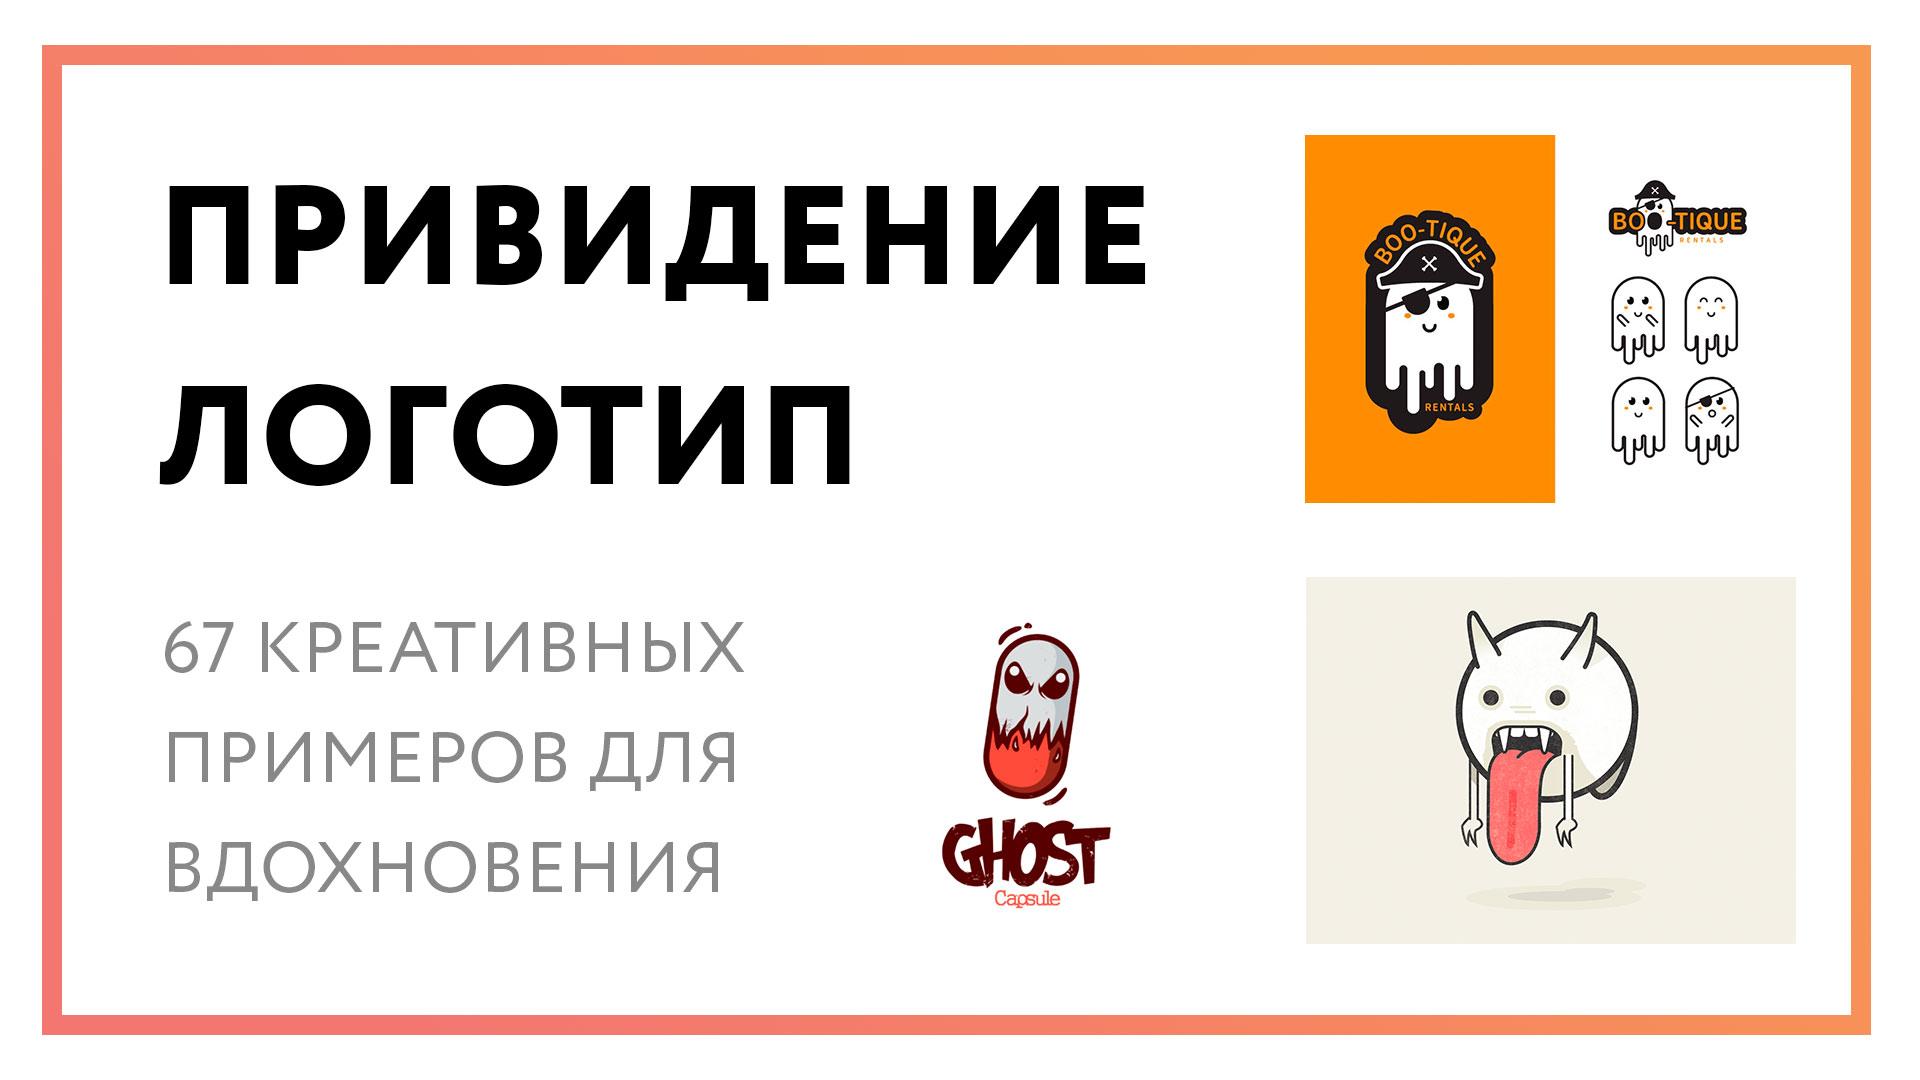 privedenie-logotip.jpg